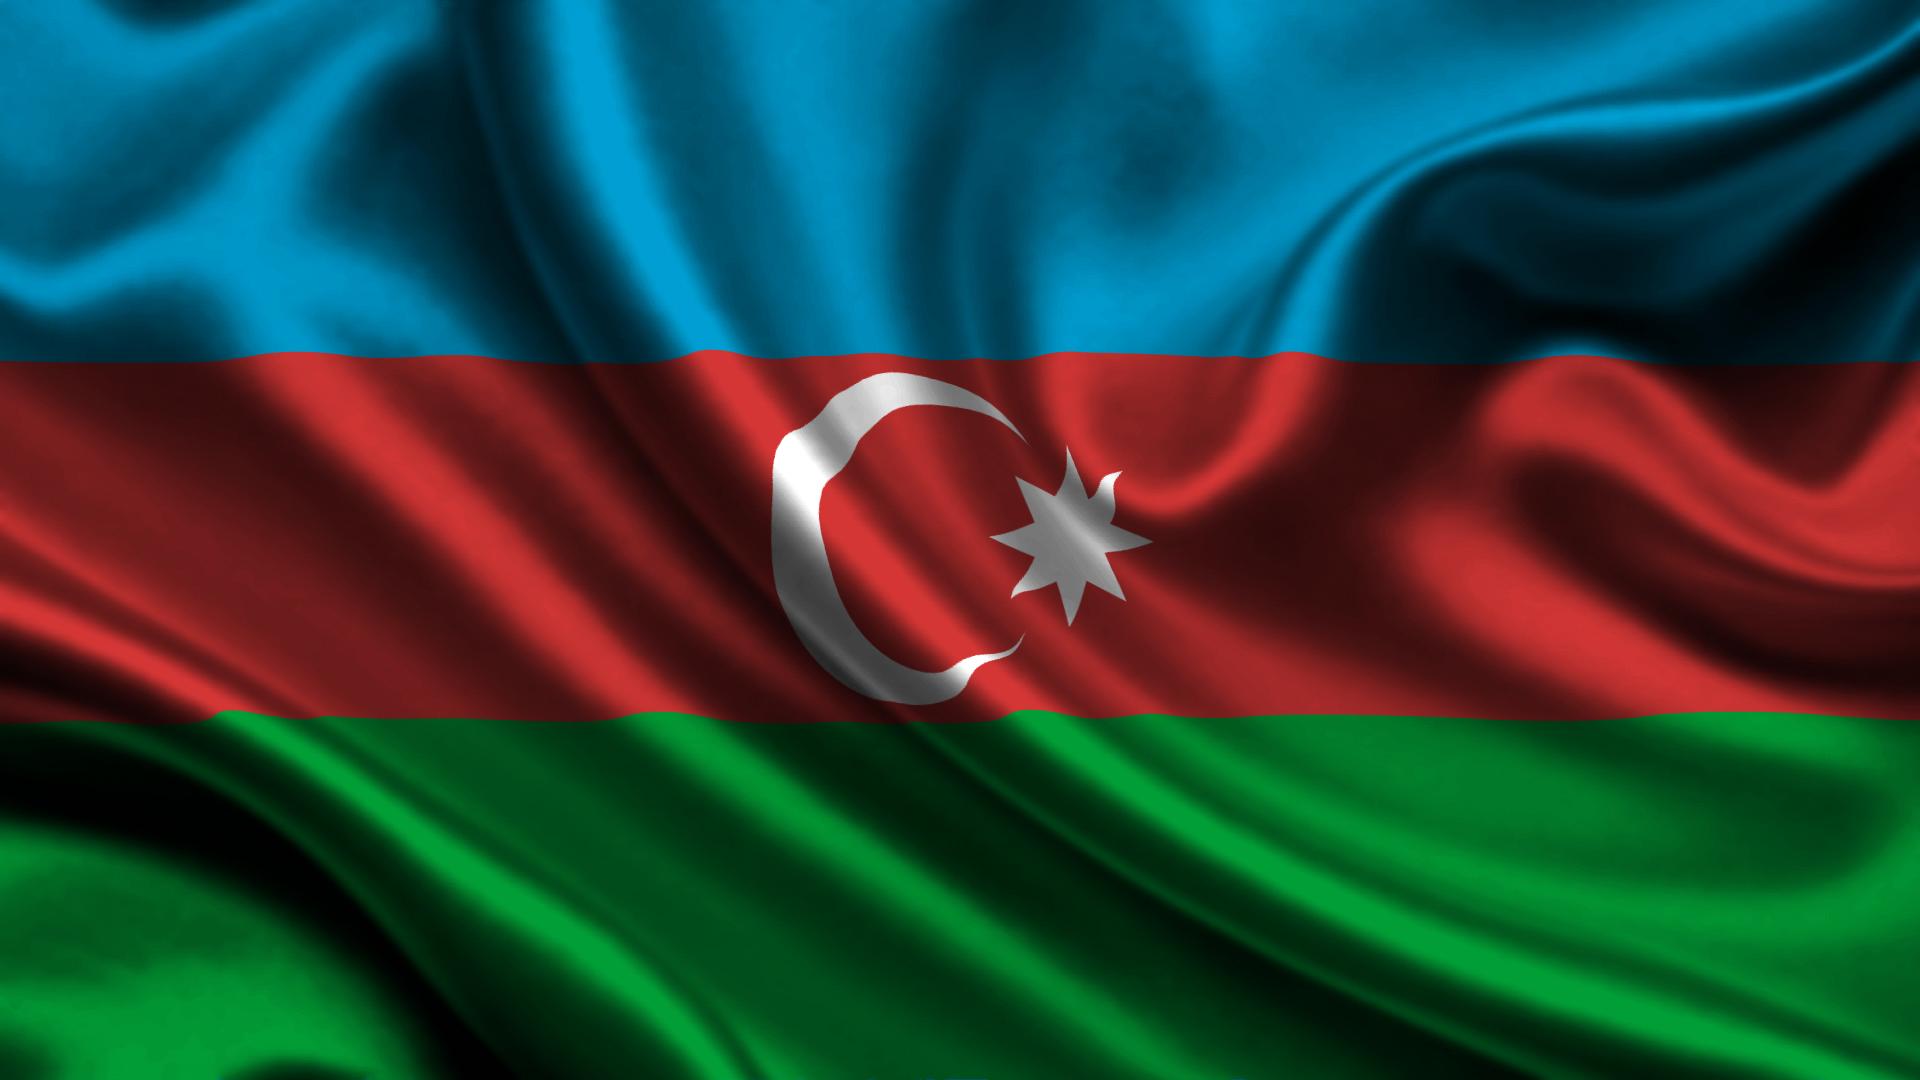 Pictures Azerbaijan Flag Stripes 1920x1080 1920x1080